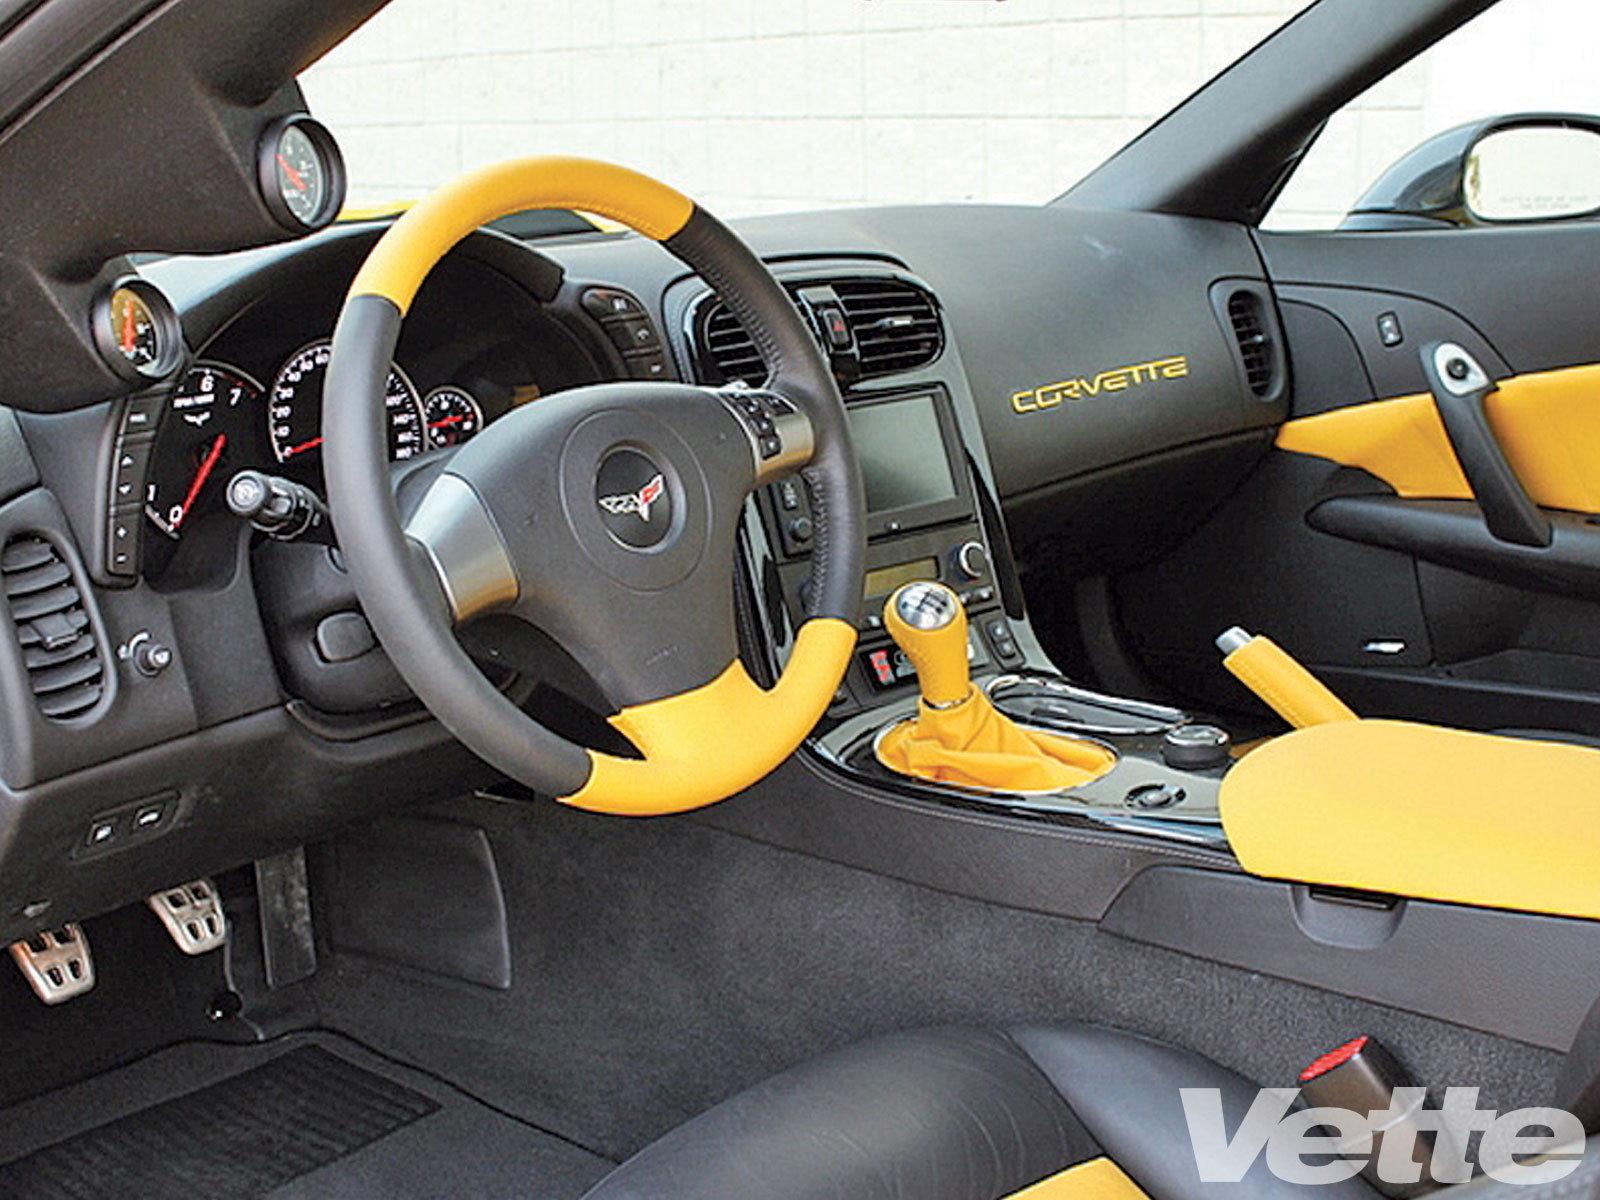 Corvette How to Make Corvette a Show Car - Corvetteforum